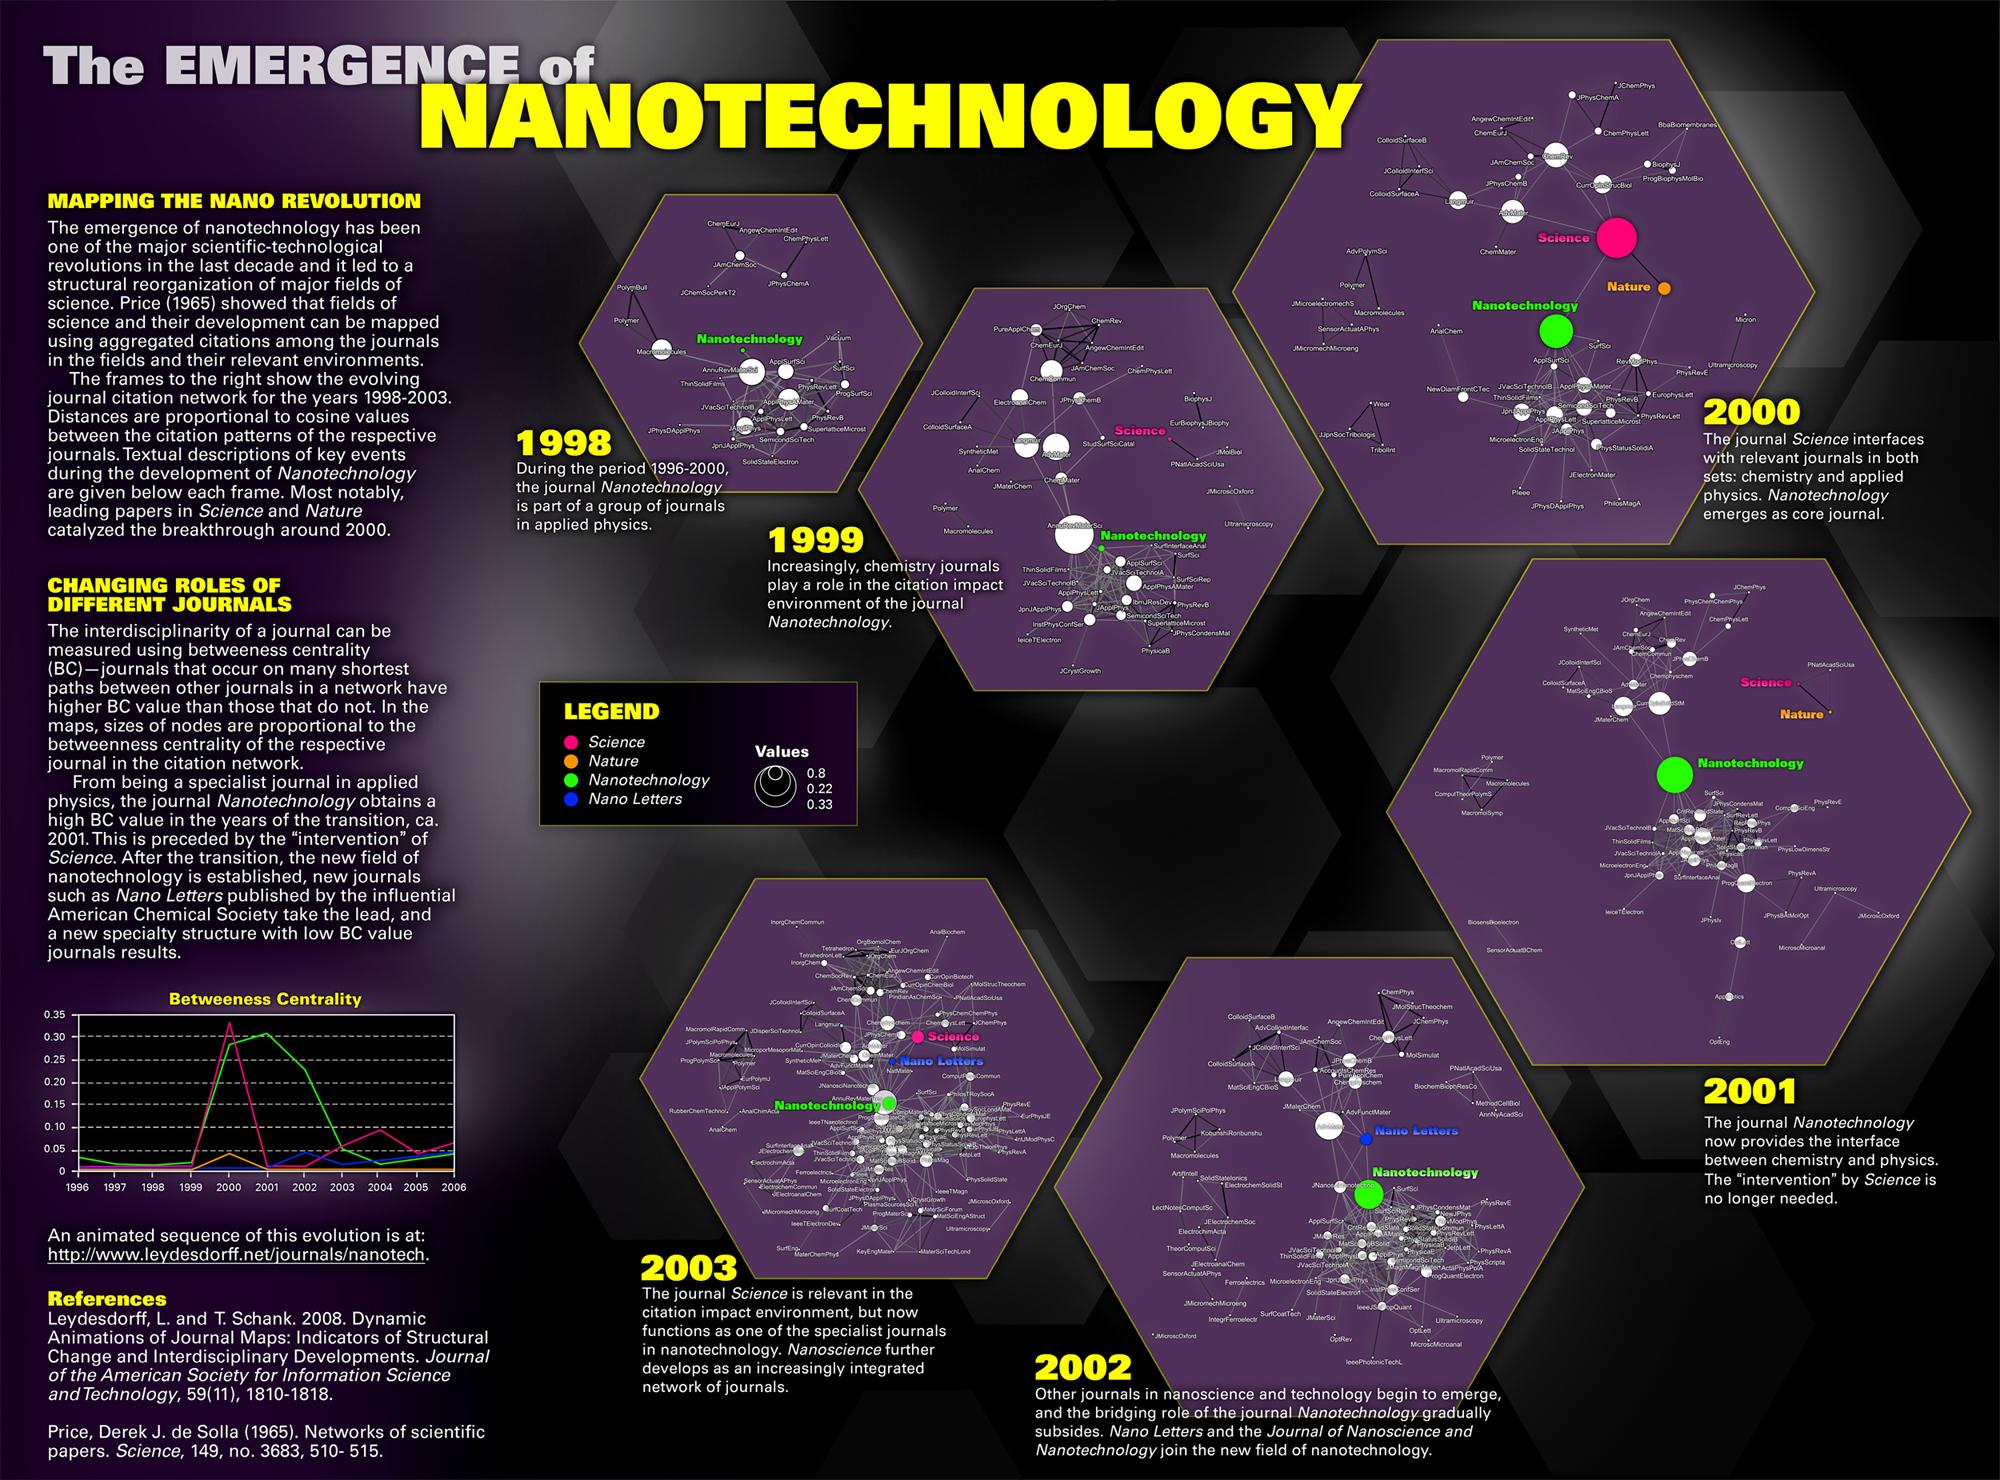 nanotech.jpg